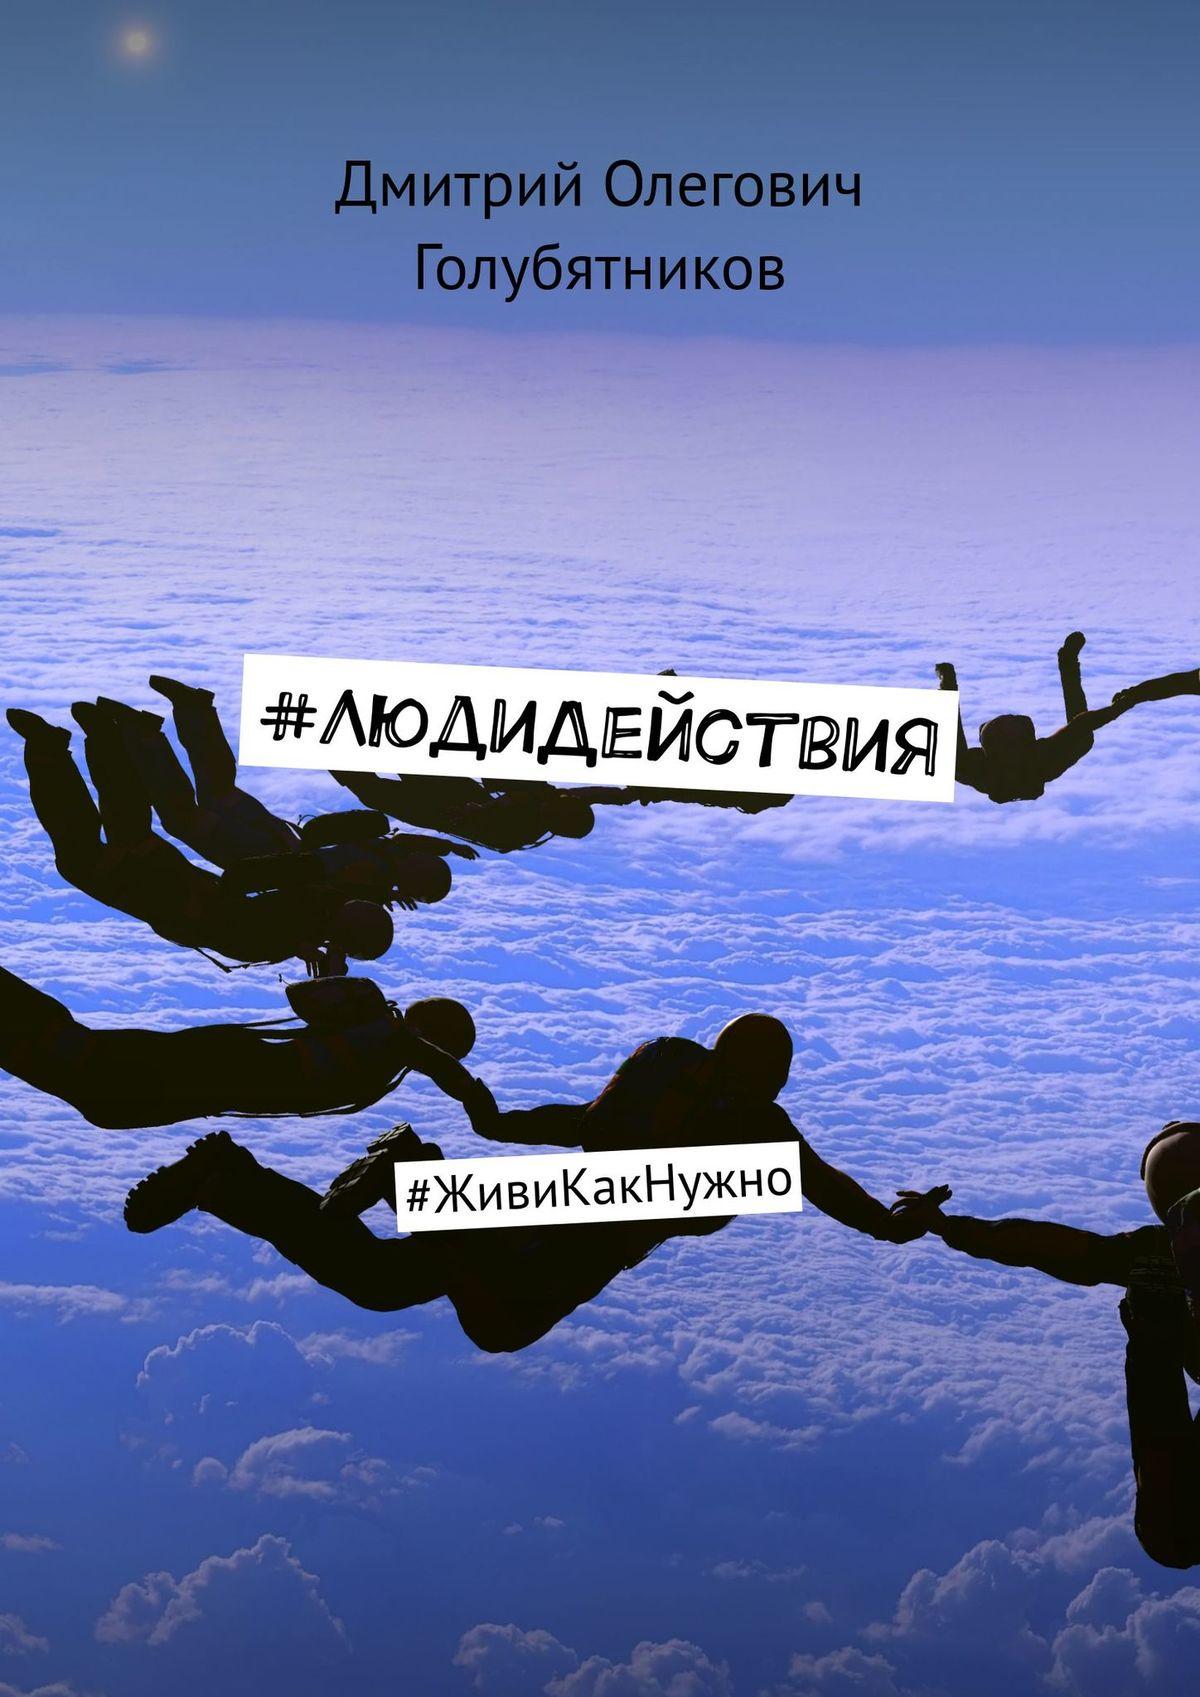 Дмитрий Олегович Голубятников #ЛюдиДействия. #ЖивиКакНужно